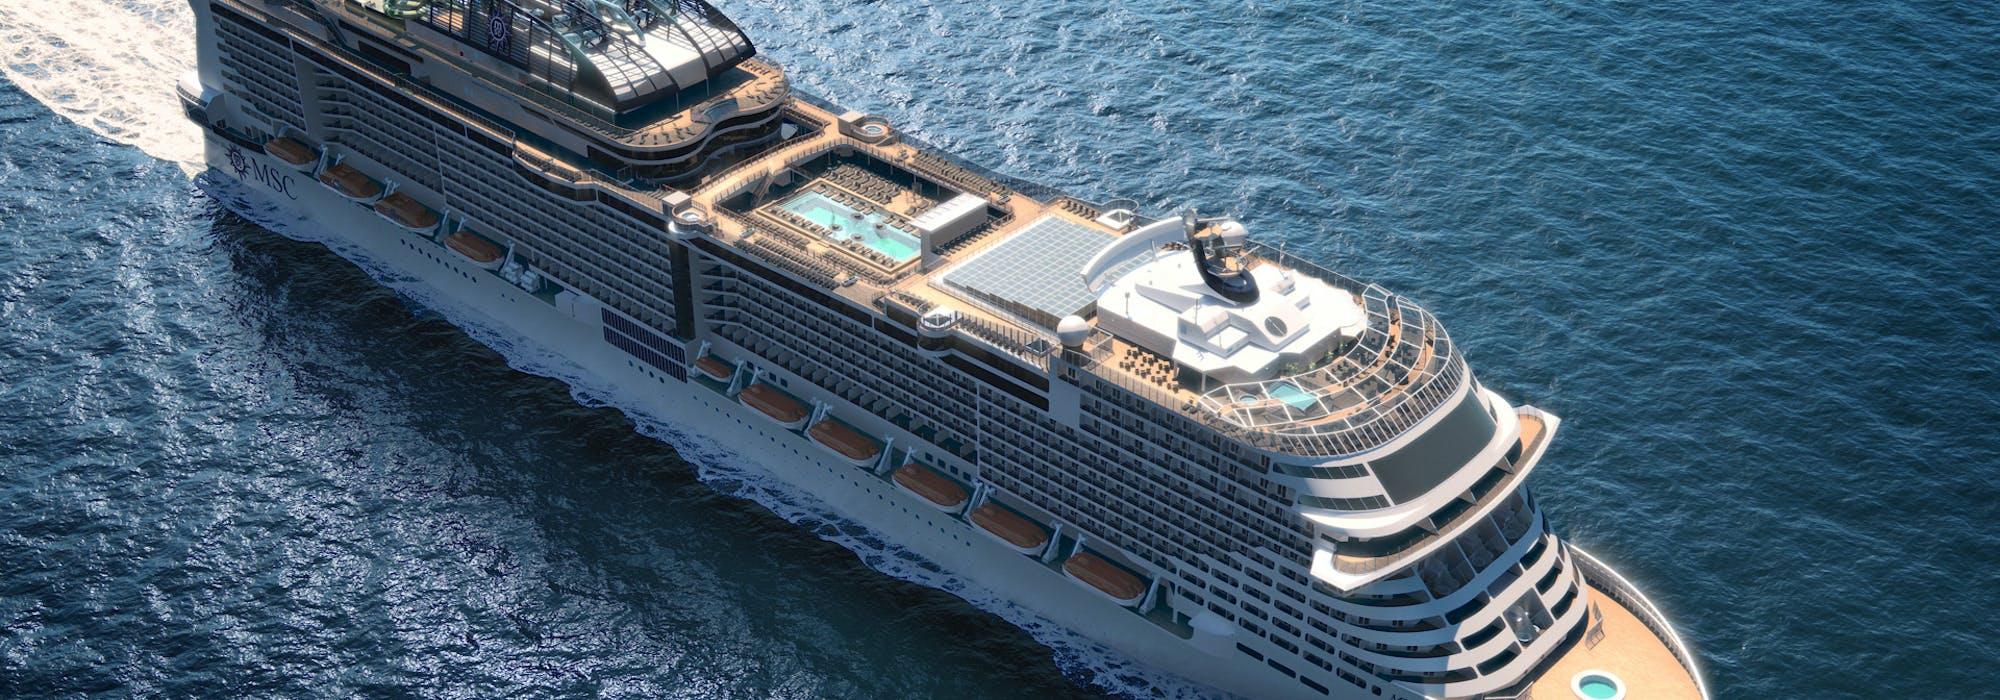 Bild snett ovanifrån på MSC Cruises nyaste fartyg MSC Grandiosa.